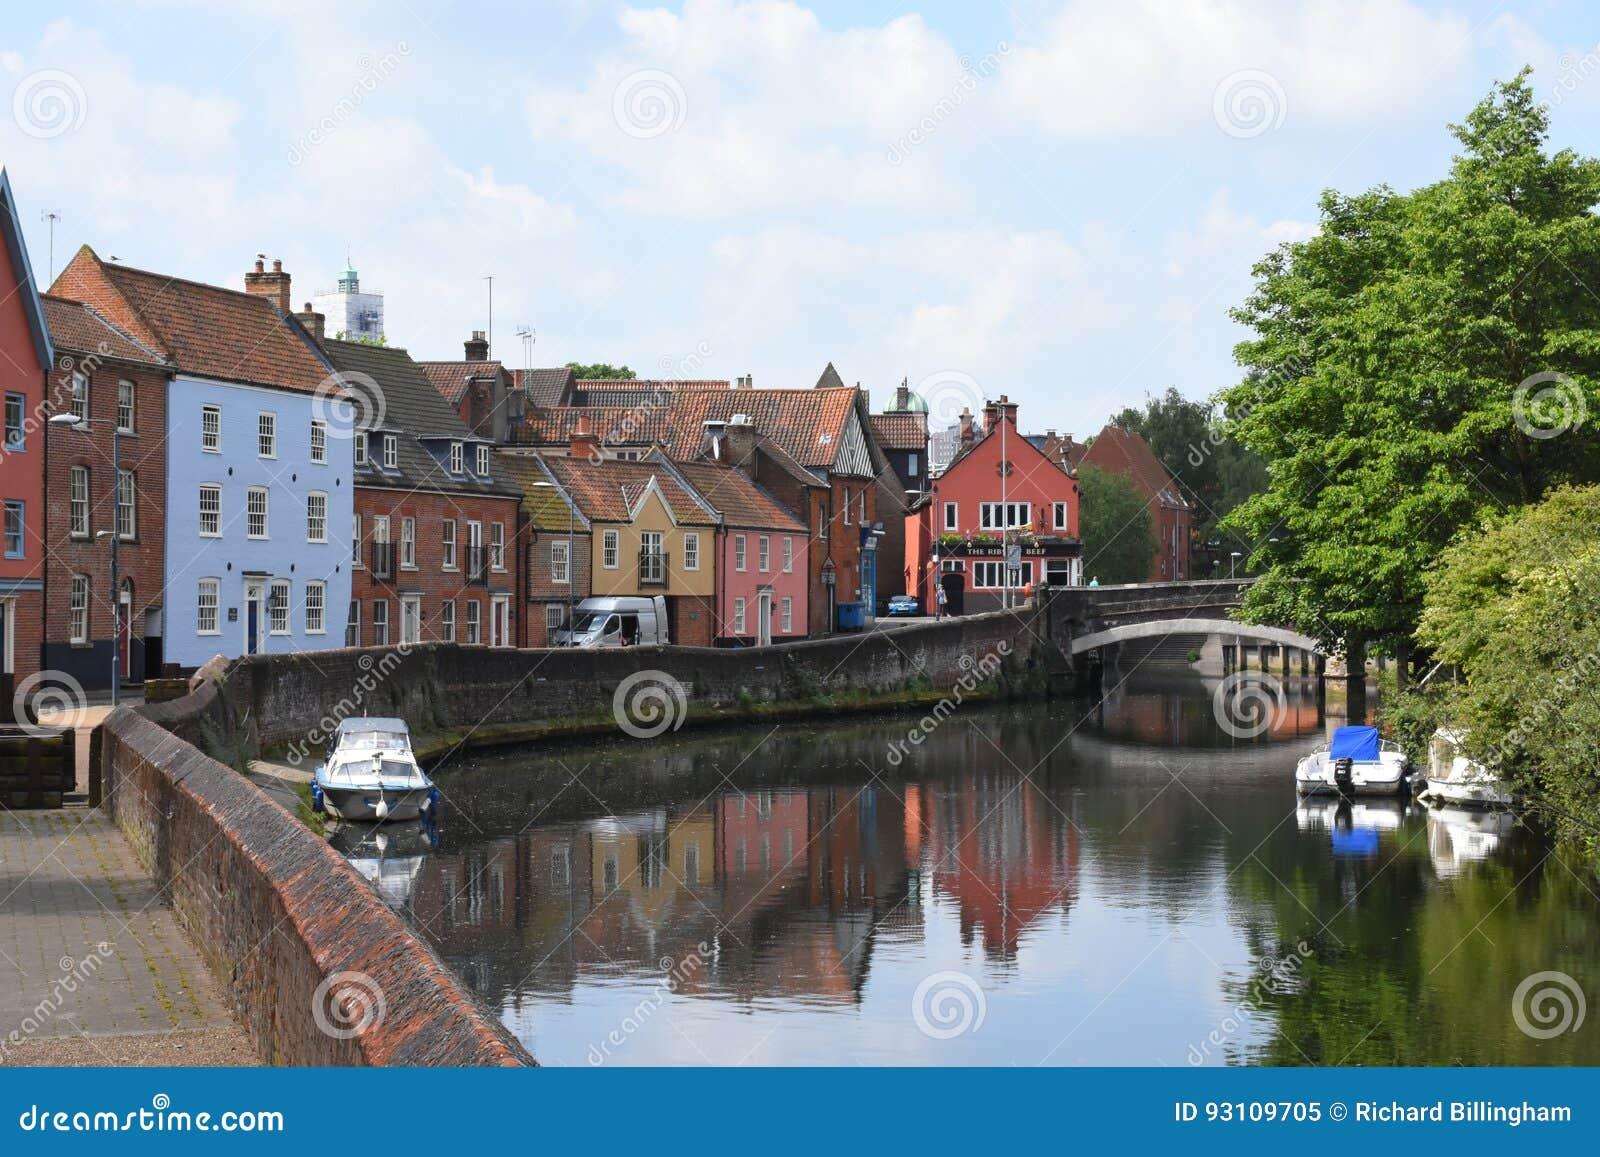 Rive près de pont de Fye, rivière Wensum, Norwich, Angleterre